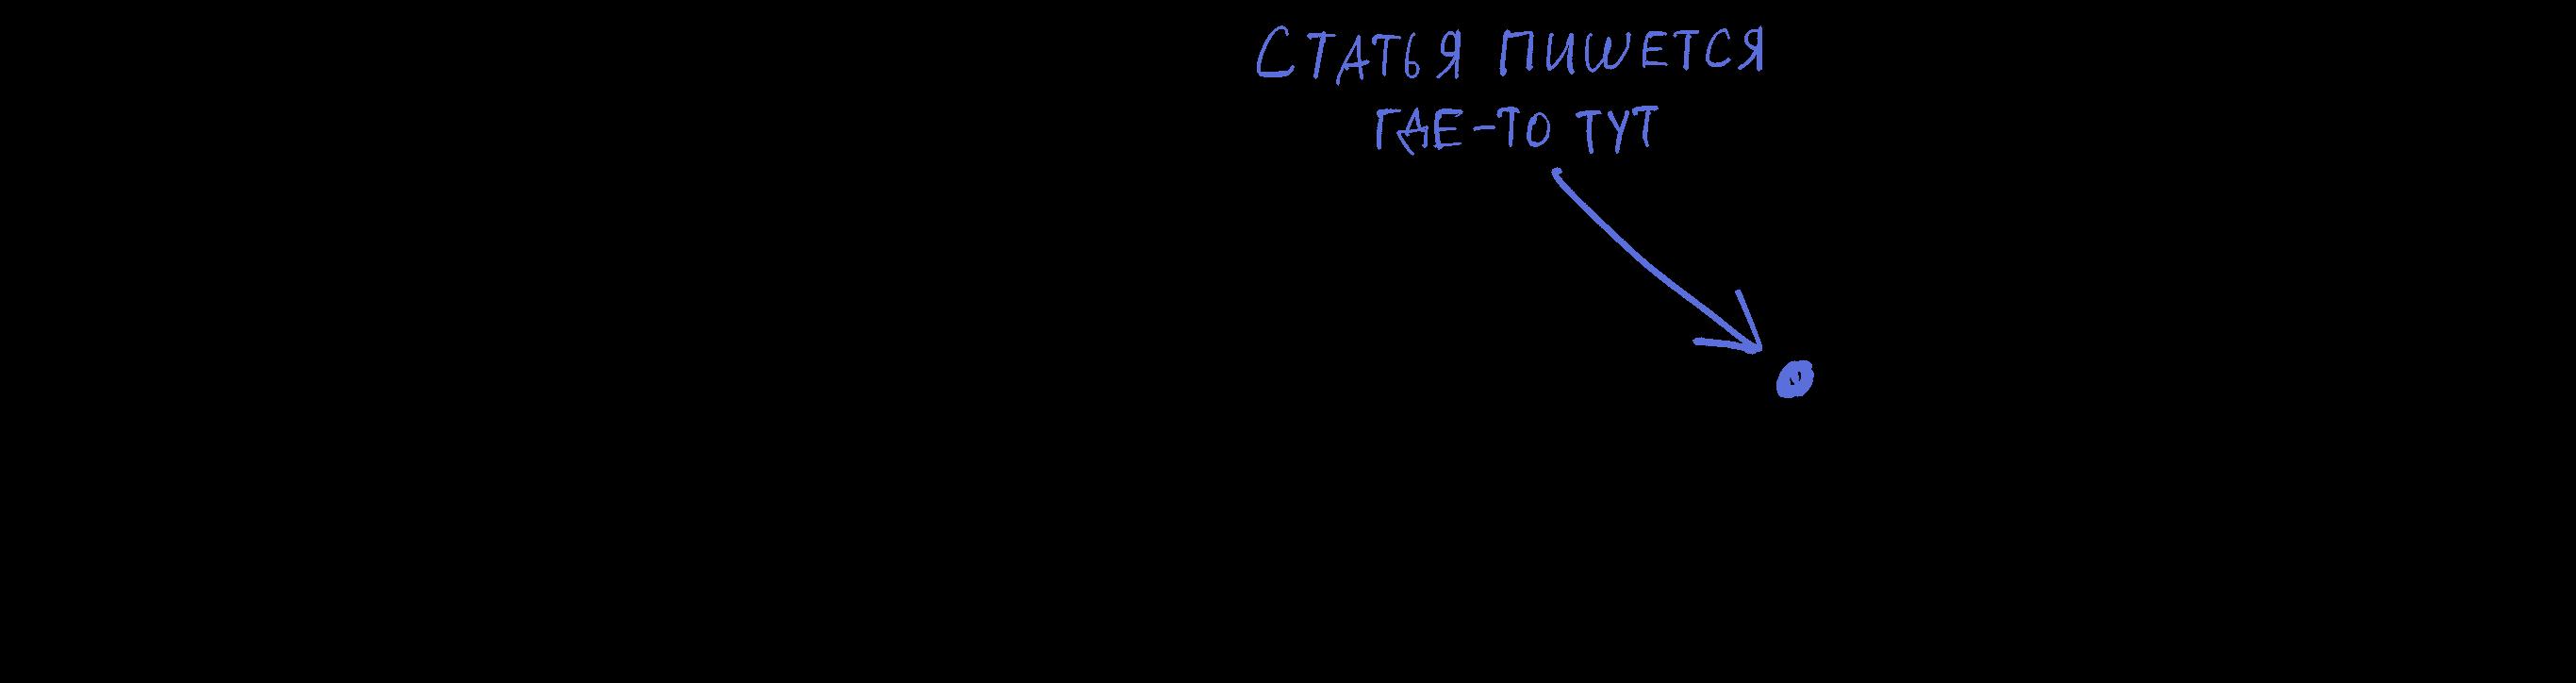 Хроники подопытного кролика: как тестируют вакцину от SARS-CoV-2 - 13